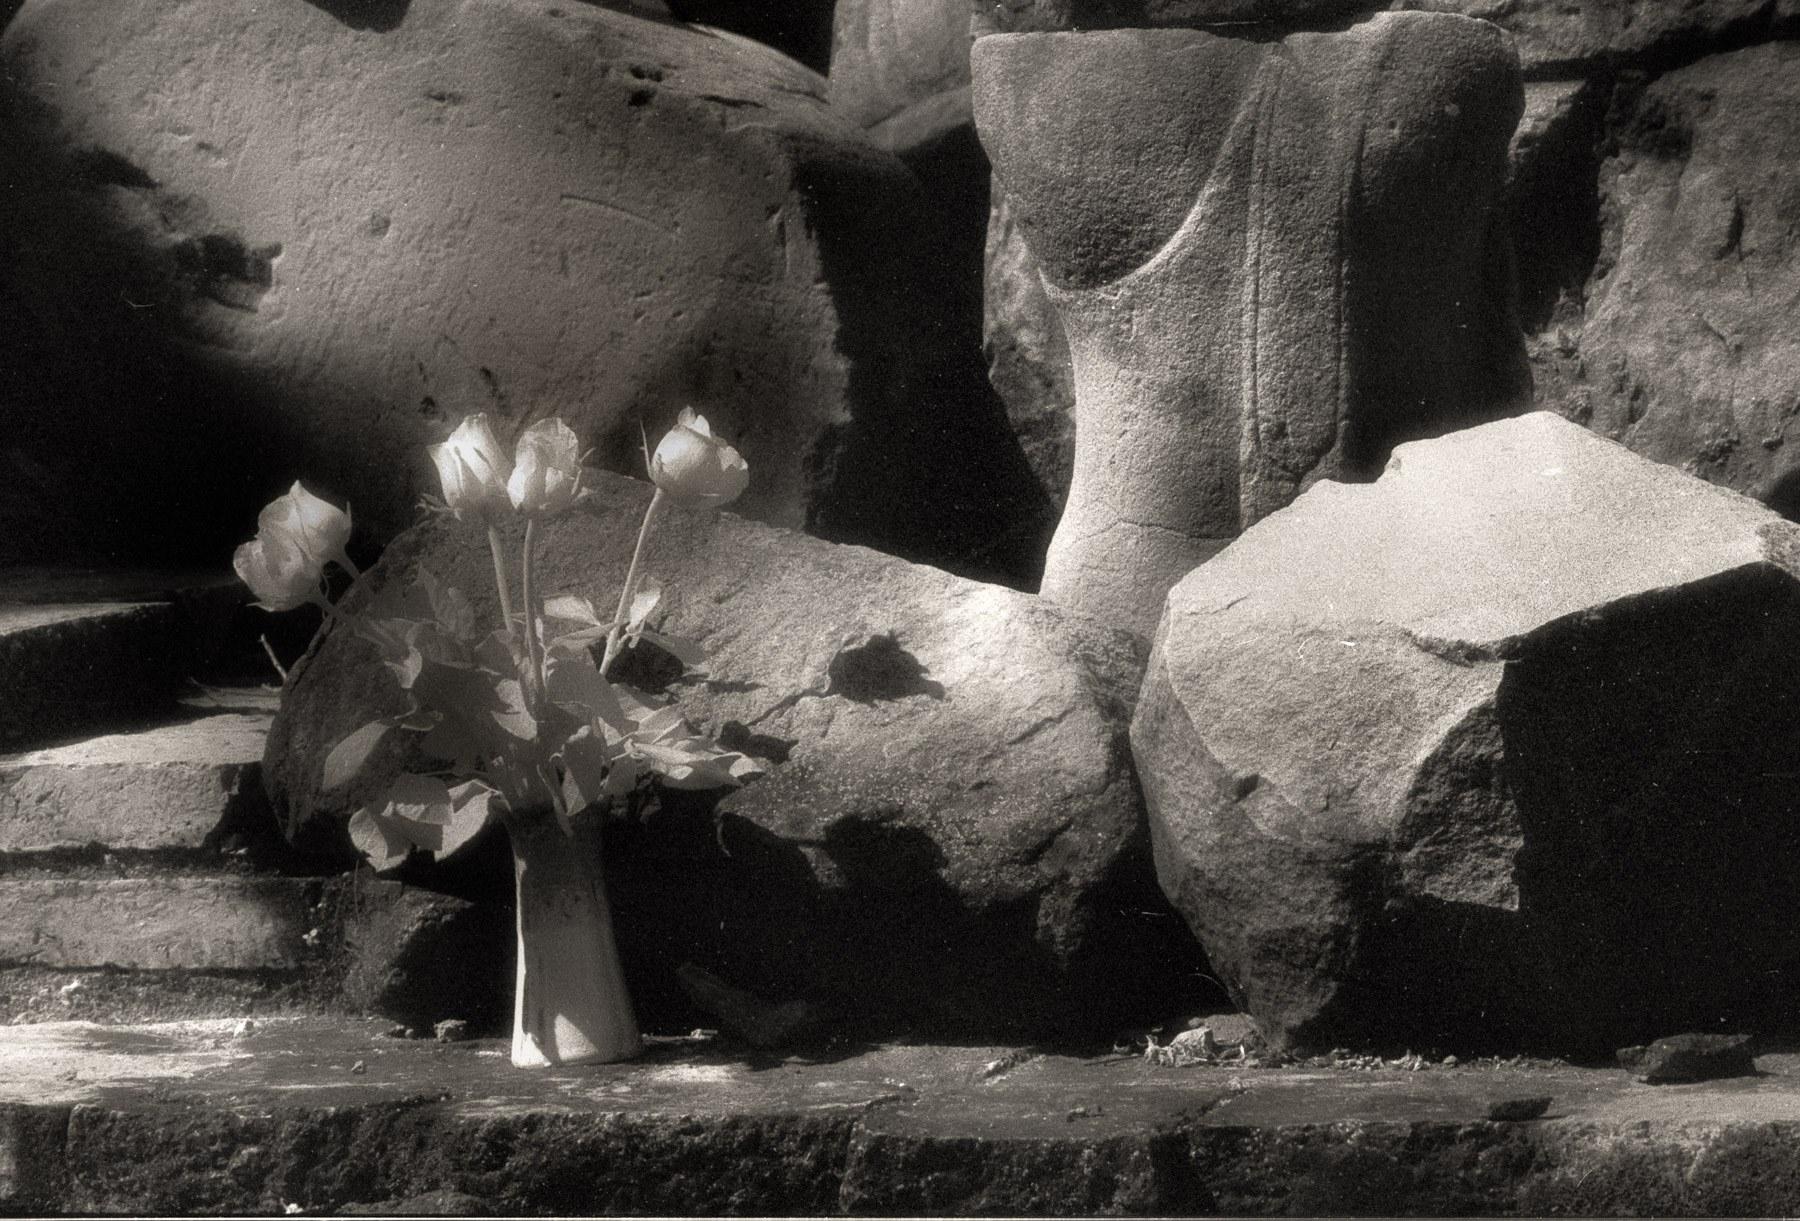 วันหนึ่ง ณ อยุธยา...  #blanckandwhitephotography #infrared #Ayuttaya